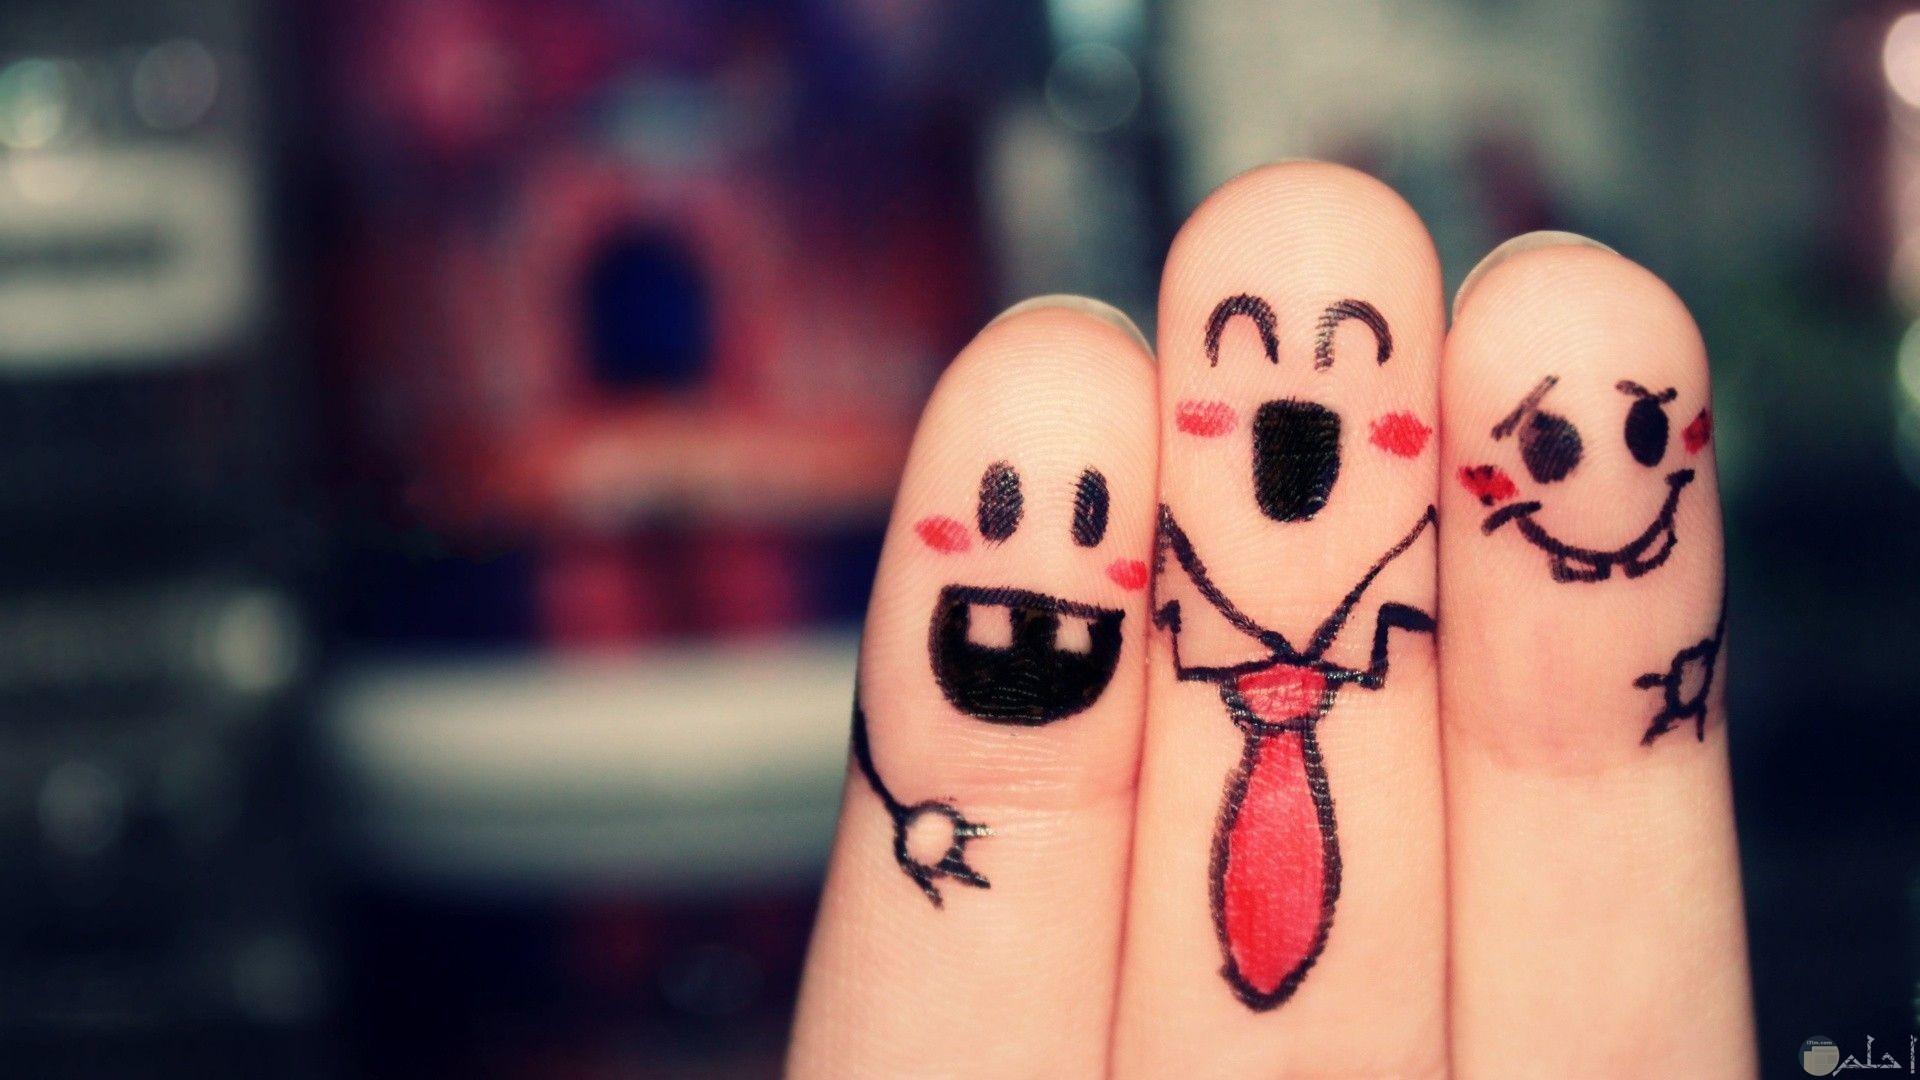 الصديق يتحملك و يغفر لك دائماً.